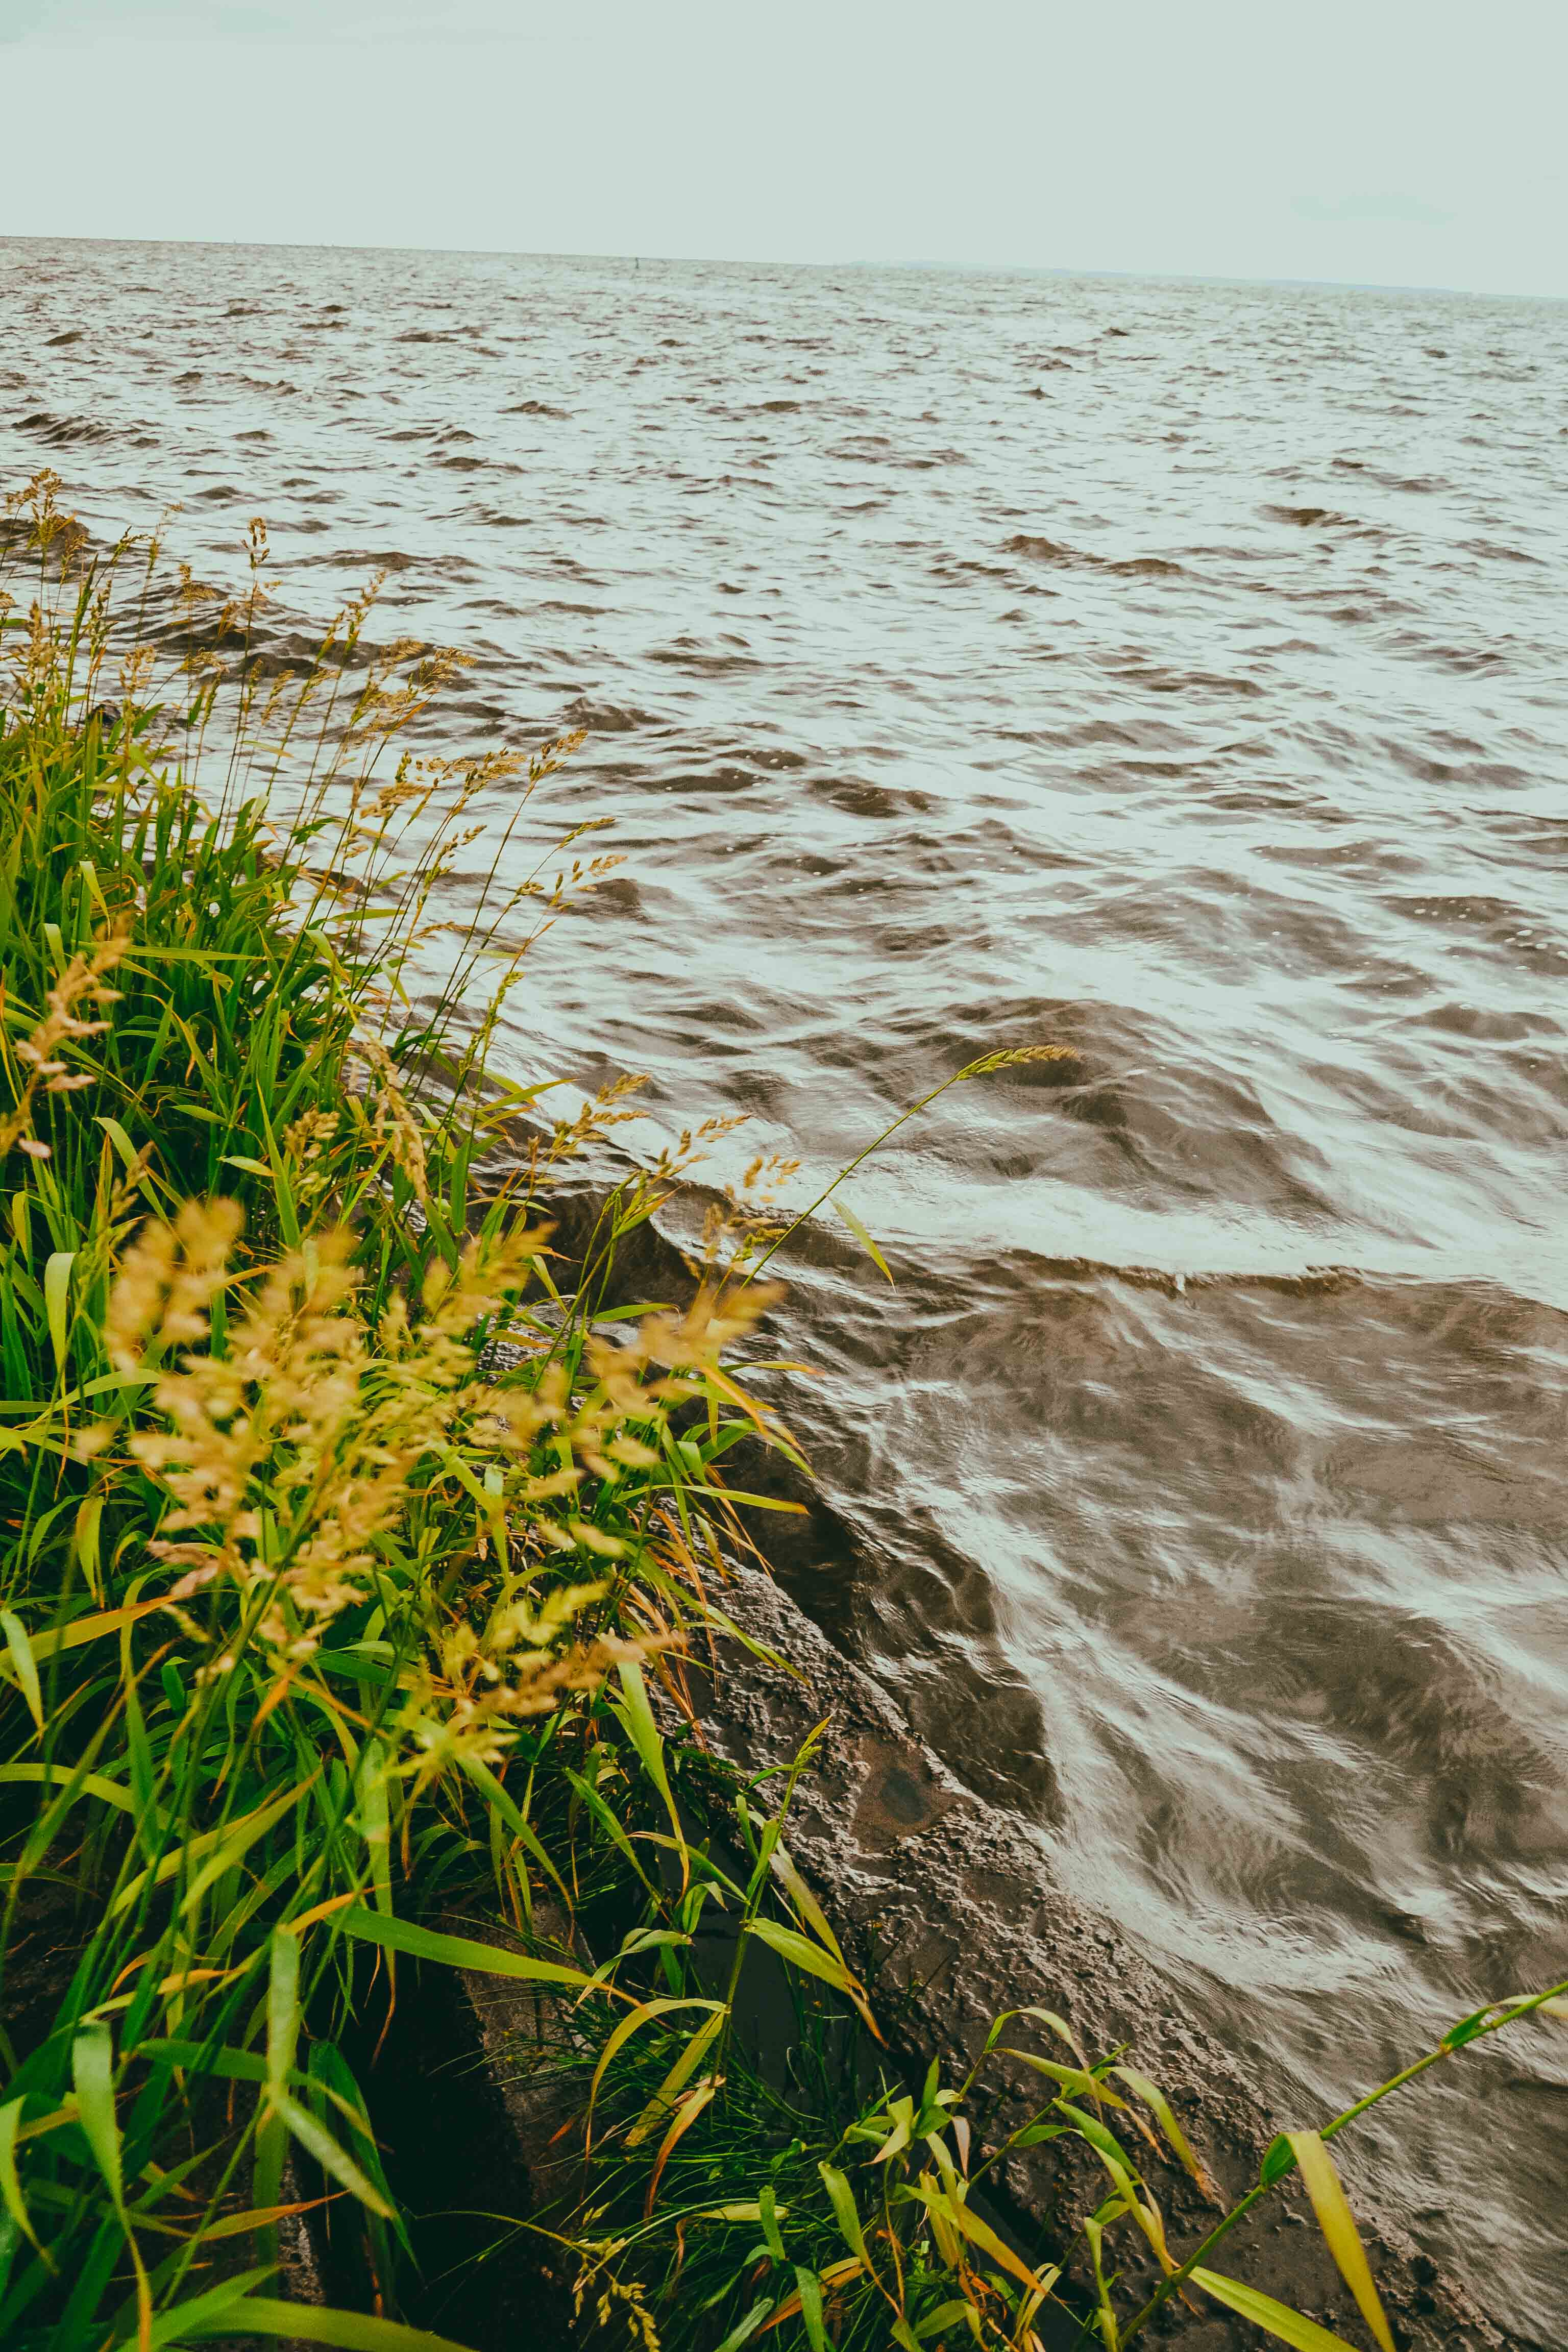 trzebież-port-marina-okonasznurku-fotografia (25)